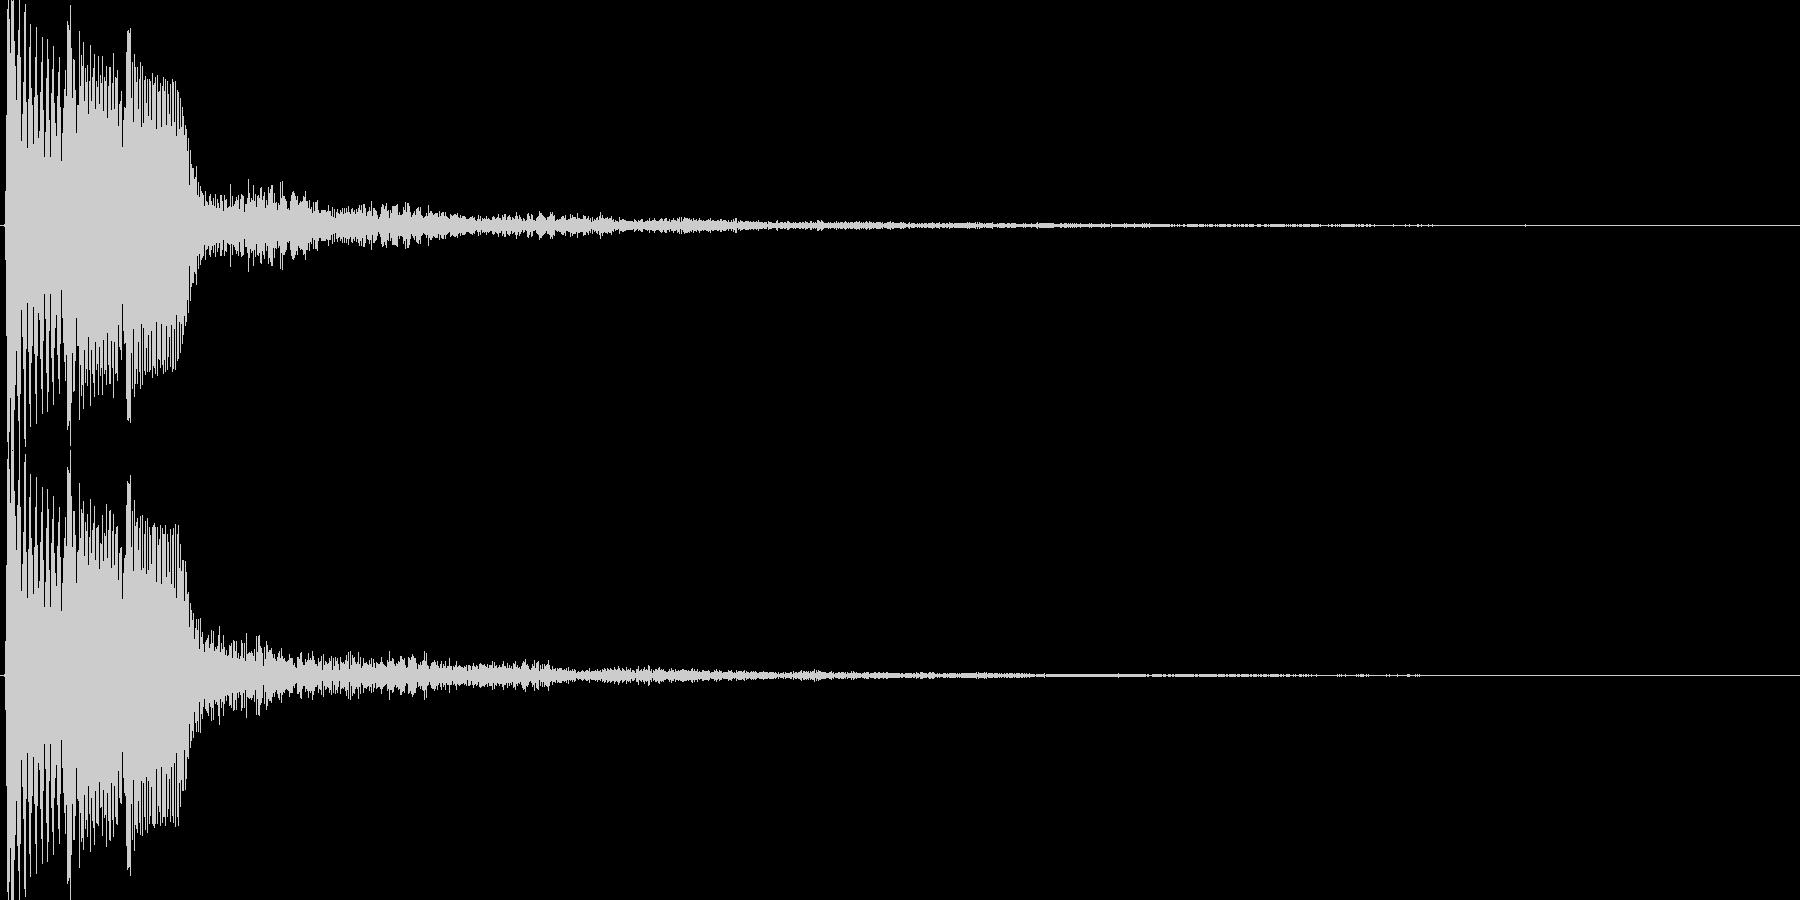 ピコ(ゲーム、アプリなどの操作音12)の未再生の波形